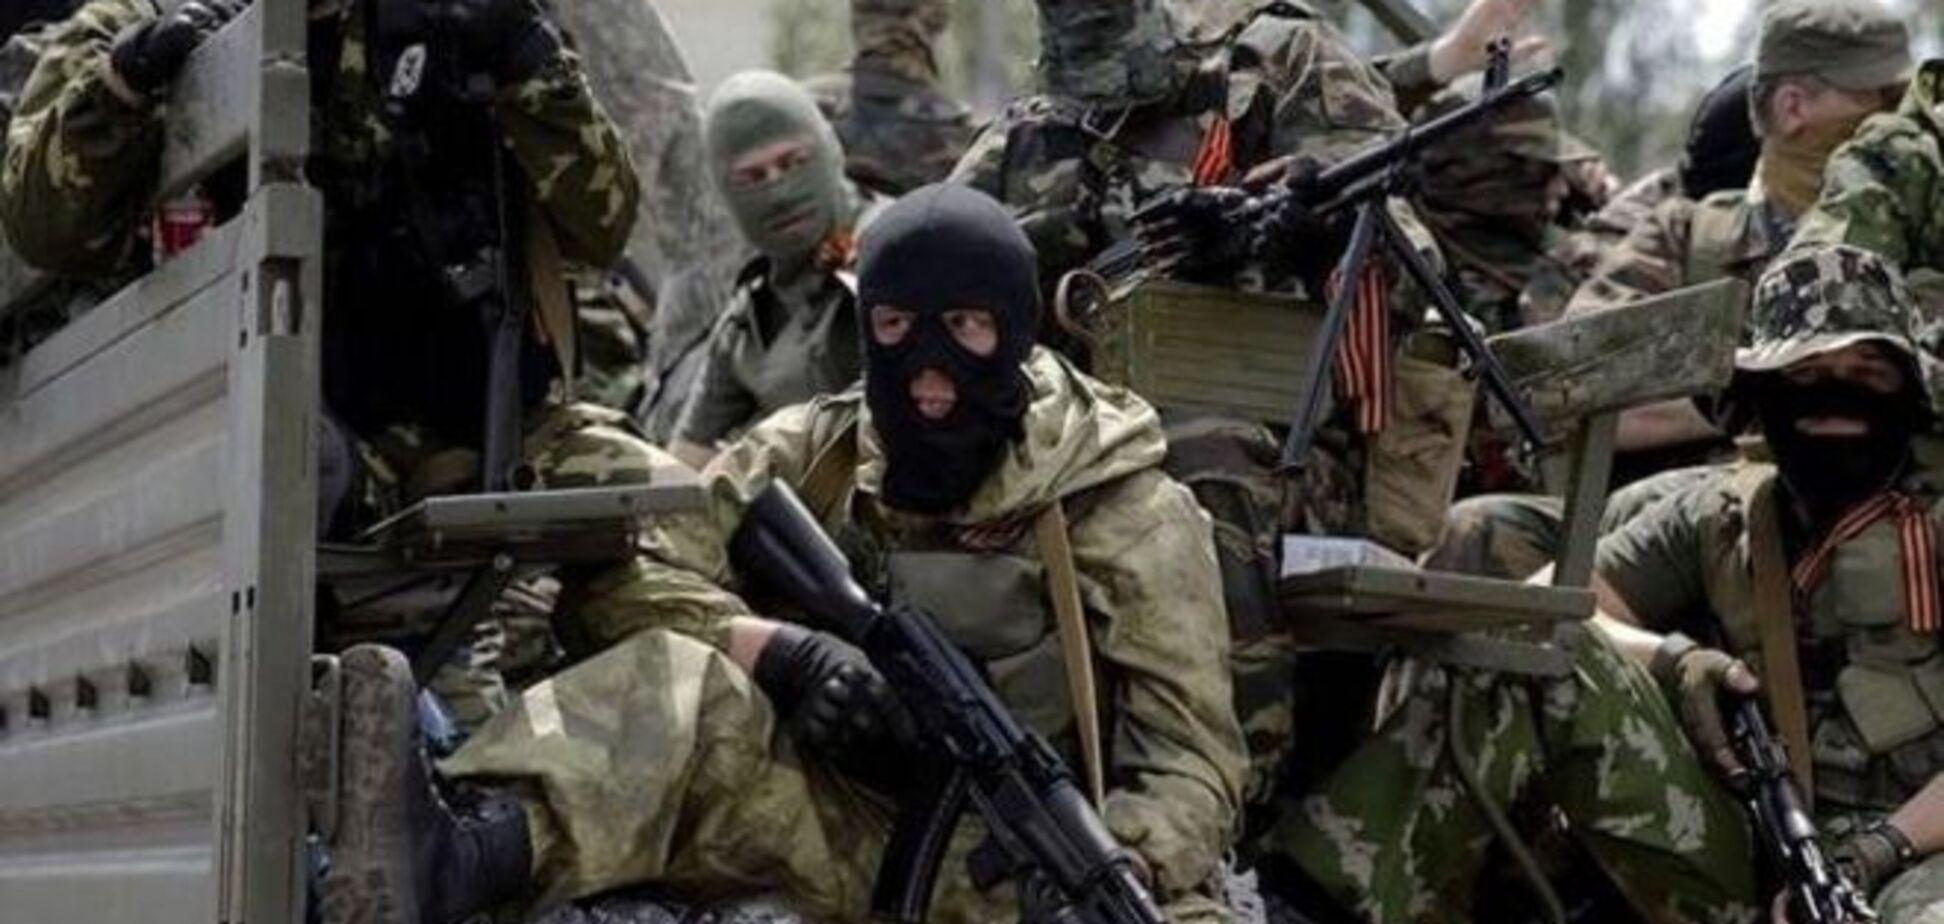 Террористы совершили ряд вооруженных провокаций в Донецке